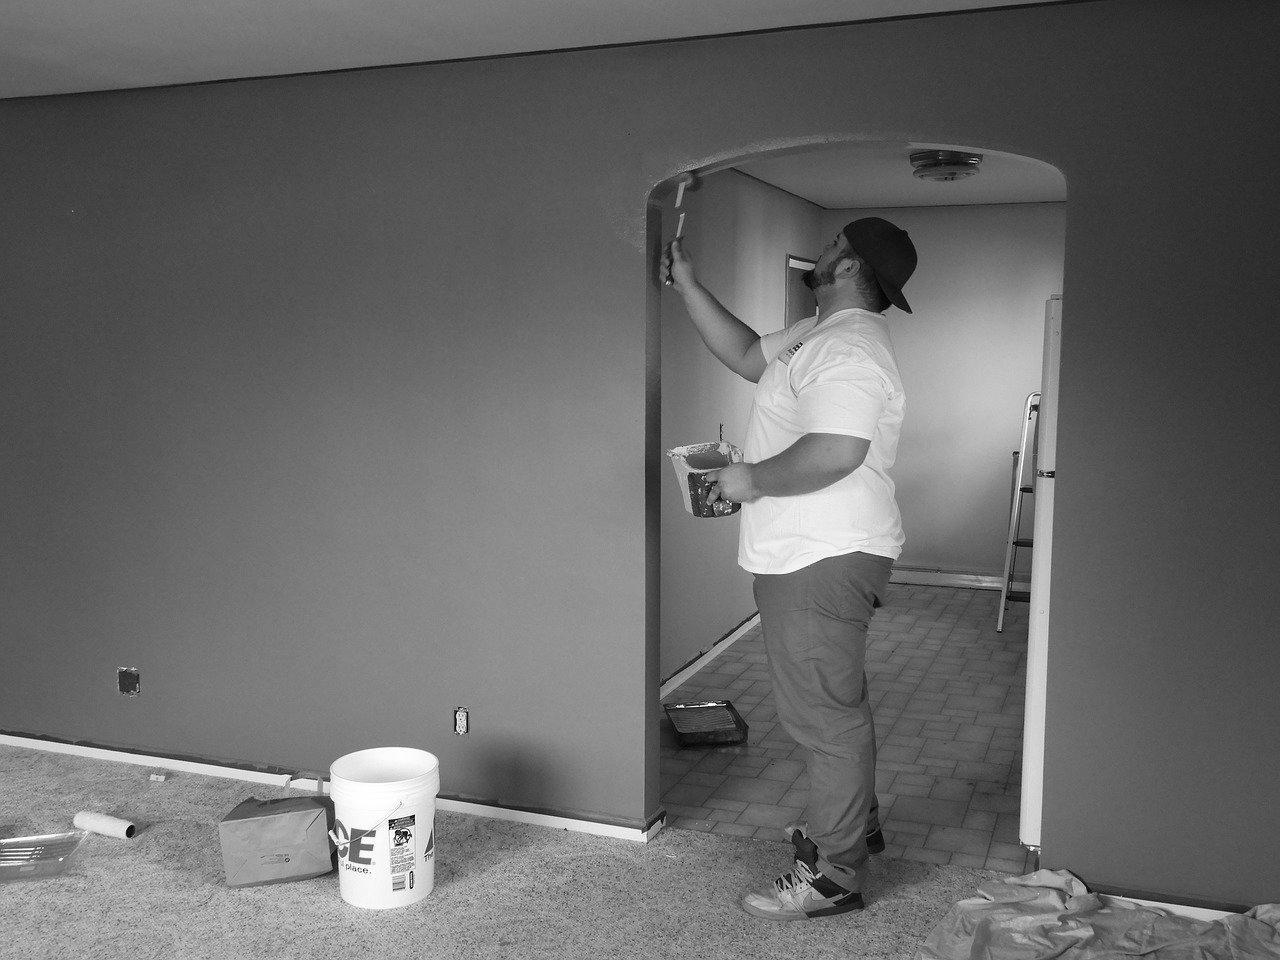 Rénover une maison à Vaucresson 92420 | Entreprises de rénovation